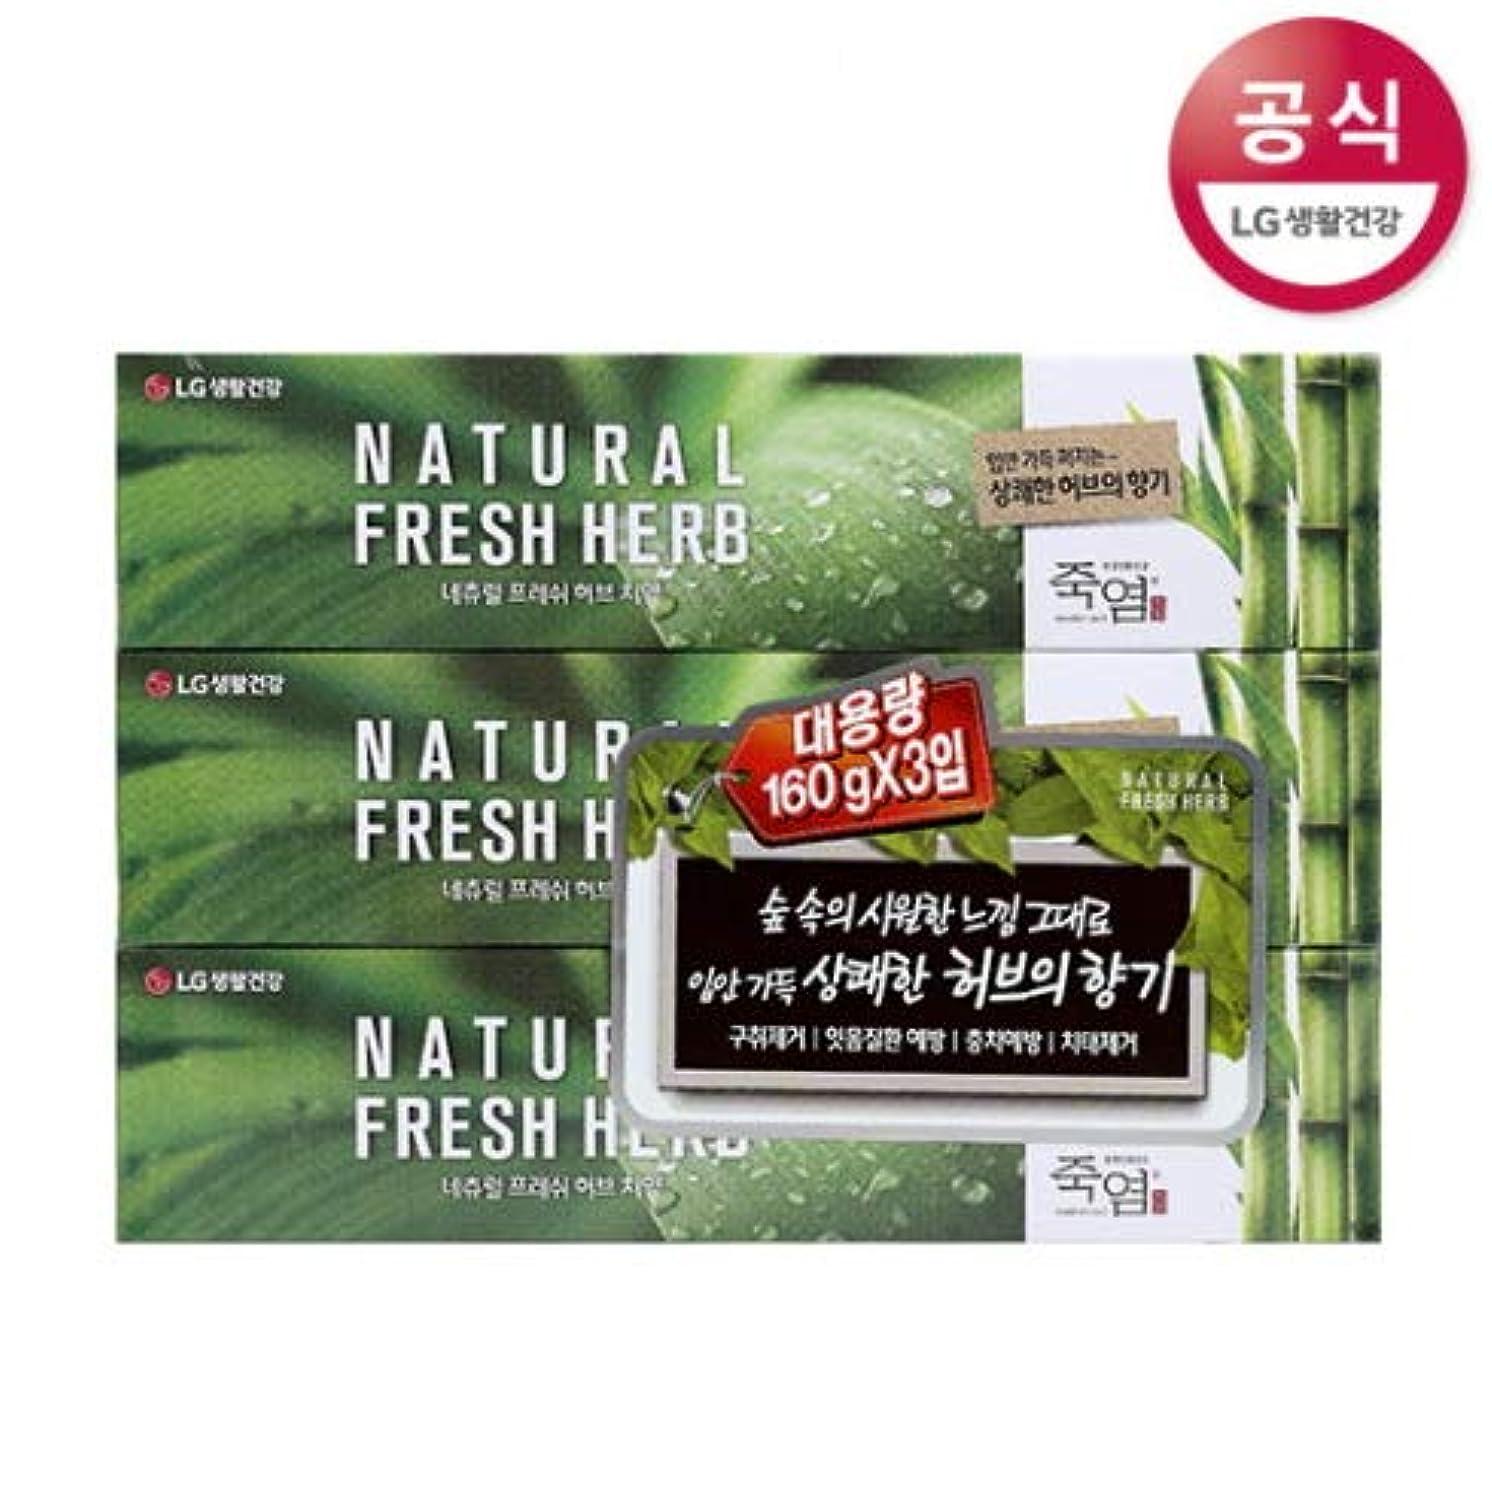 不均一早くニュージーランド[LG HnB] Bamboo Salt Natural Fresh Herbal Toothpaste/竹塩ナチュラルフレッシュハーブ歯磨き粉 160gx3個(海外直送品)